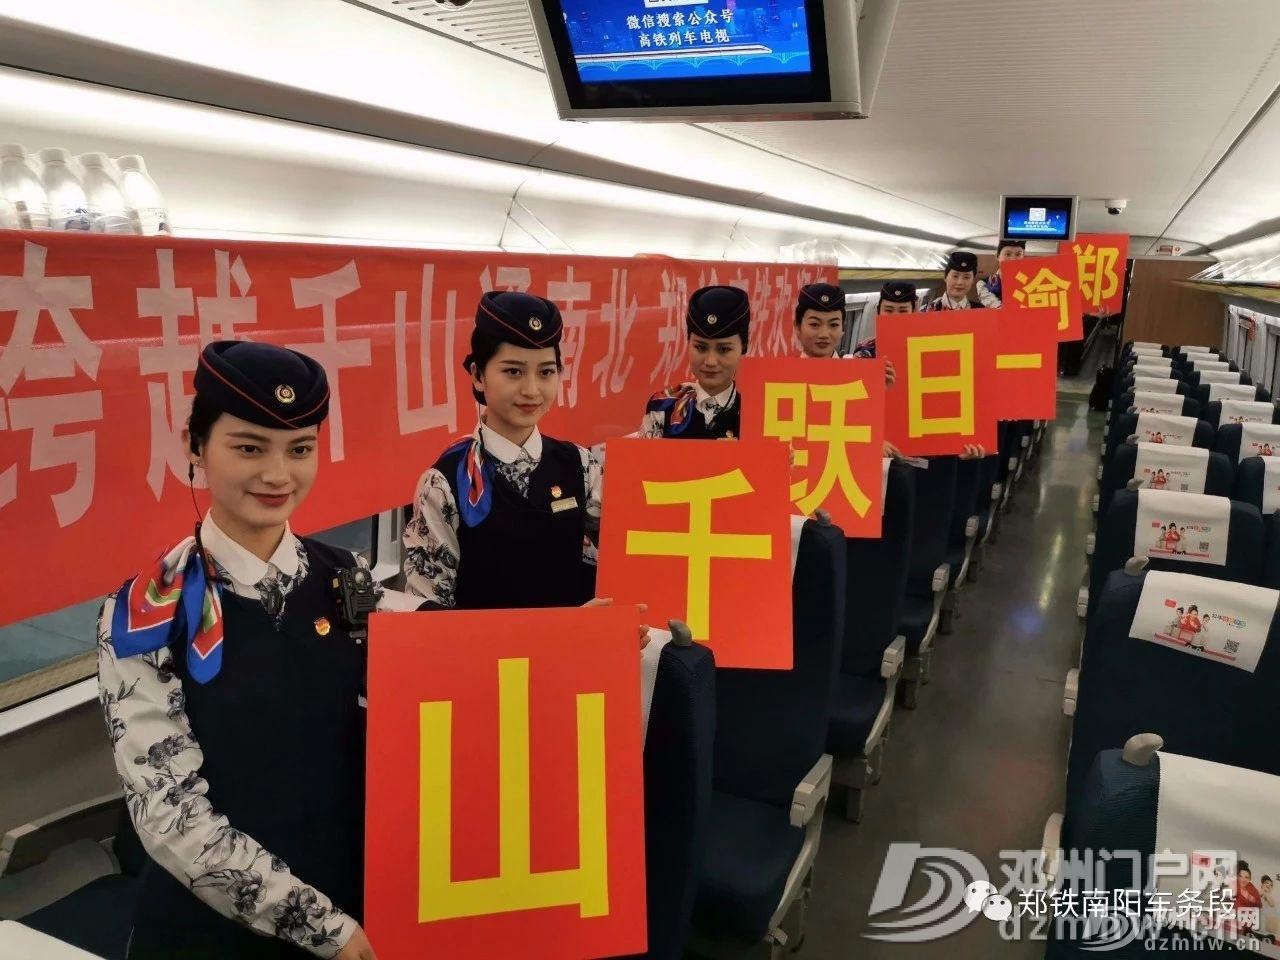 高铁开通一个月竟然发送近30万人,增加多地车次... - 邓州门户网|邓州网 - 5e4c43e213bc77e5cf4002fea184f63b.jpg